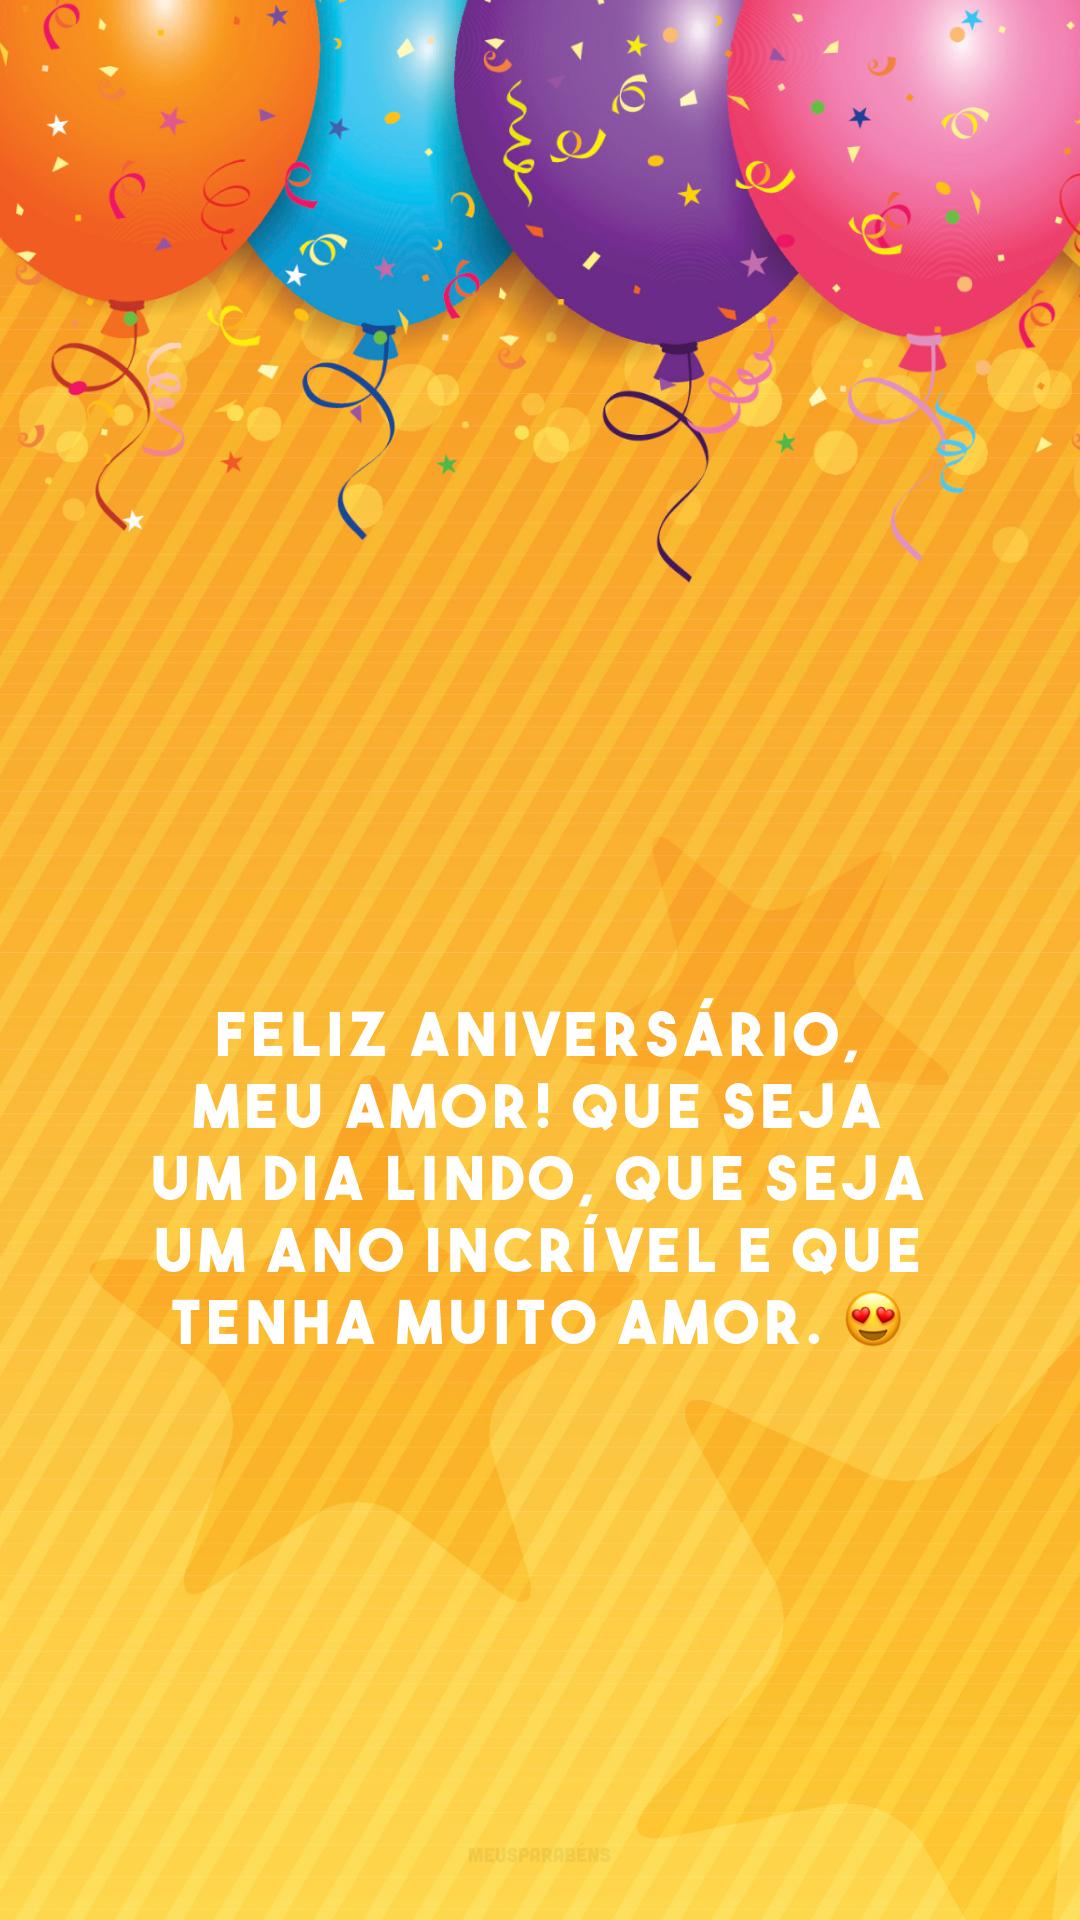 Feliz aniversário, meu amor! Que seja um dia lindo, que seja um ano incrível e que tenha muito amor. 😍